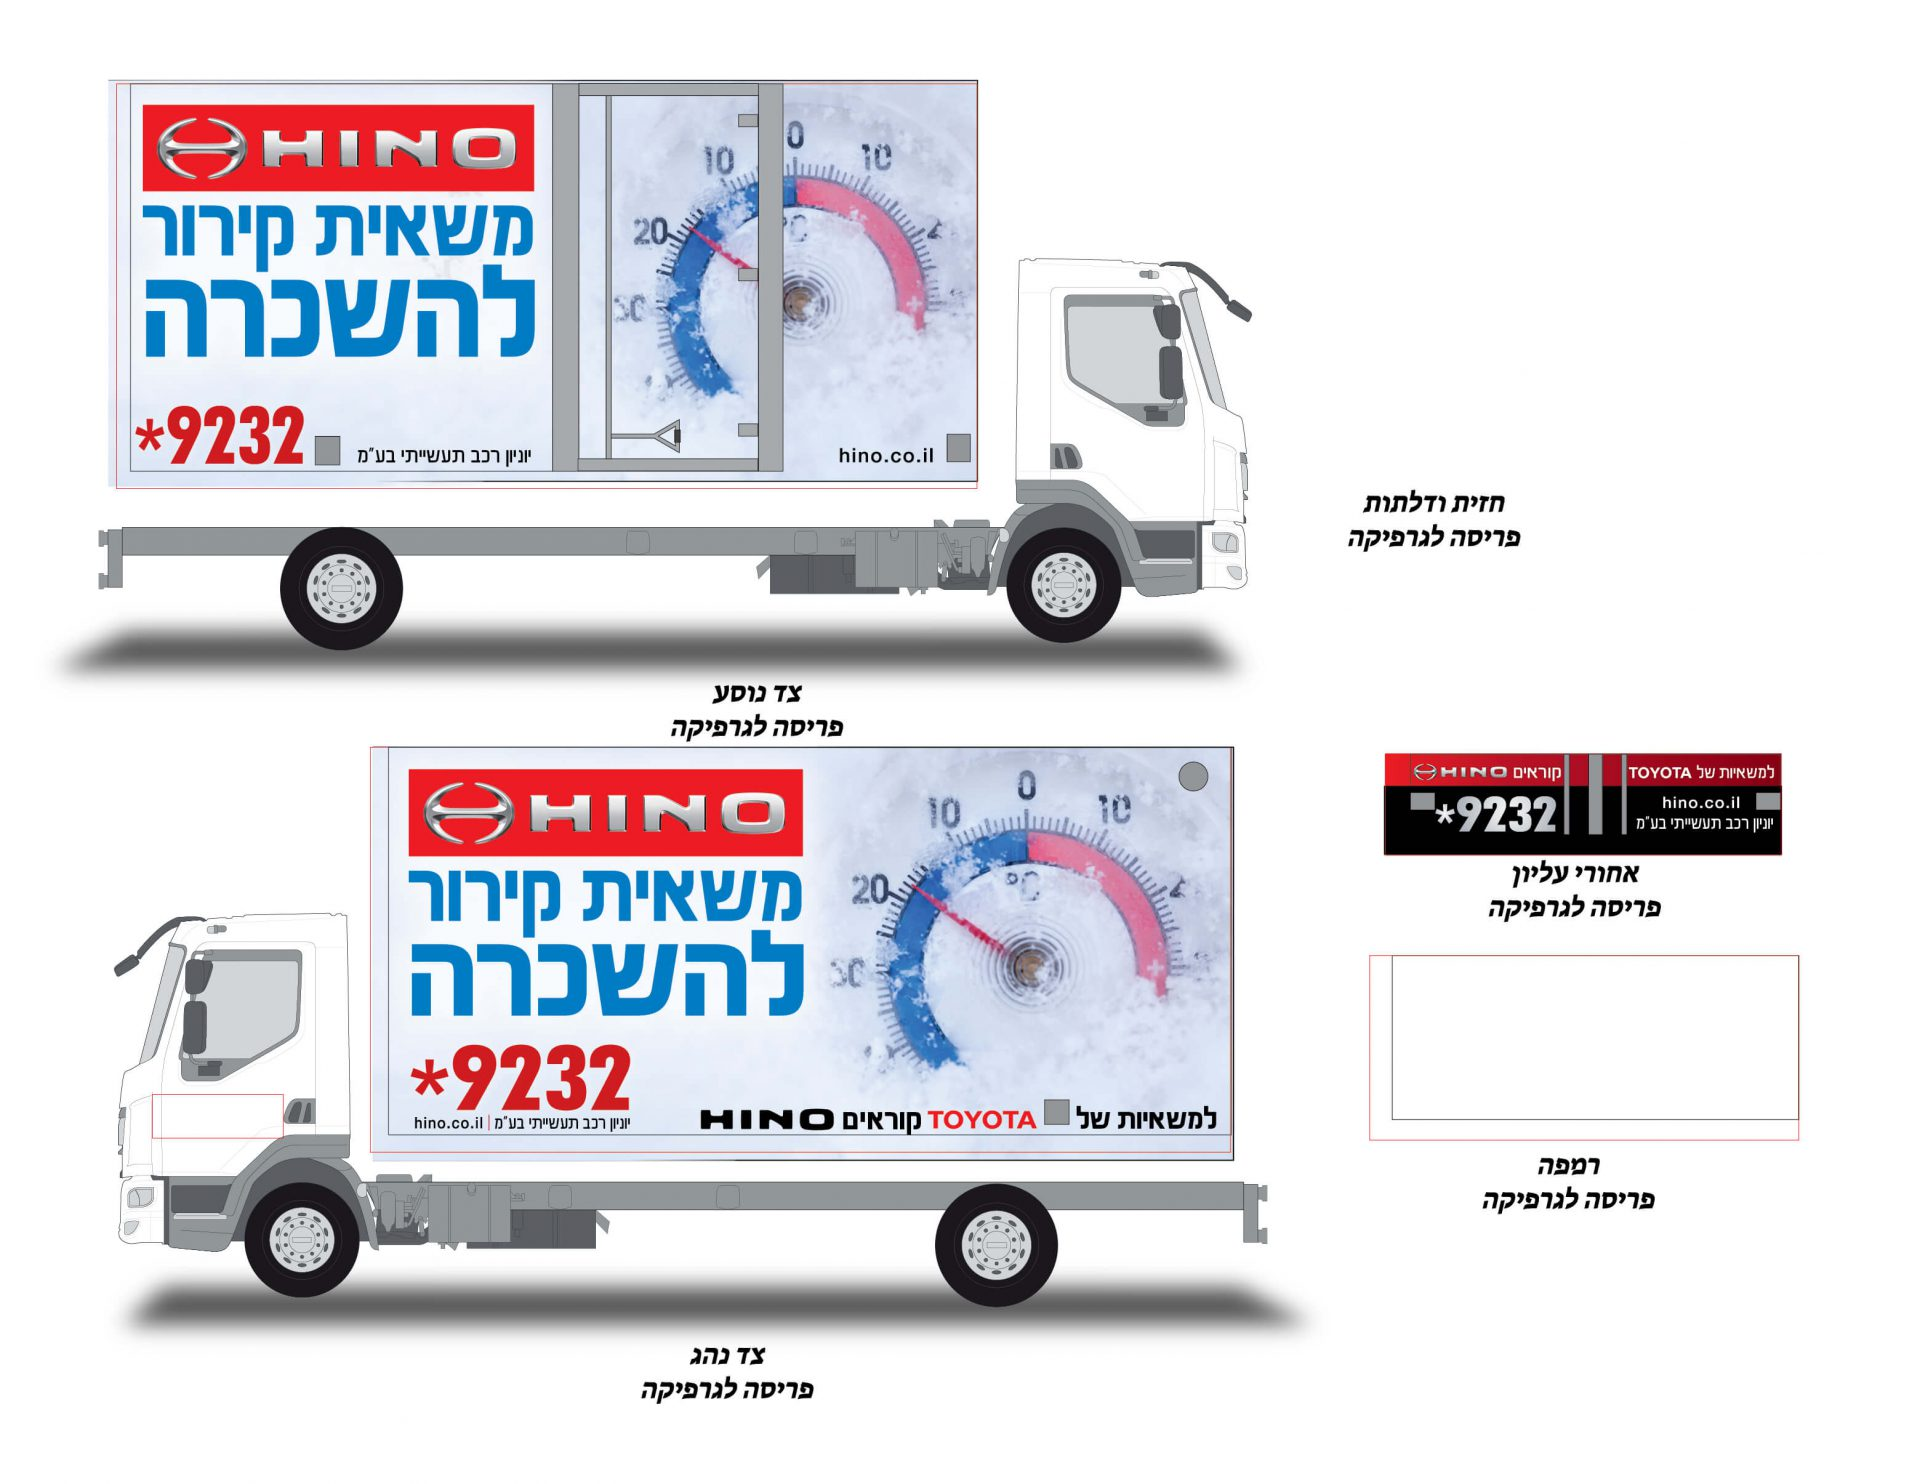 שונות משאיות קירור HINO - רכבי קירור למכירה, השכרה וליסינג - משאיות HINO UA-47